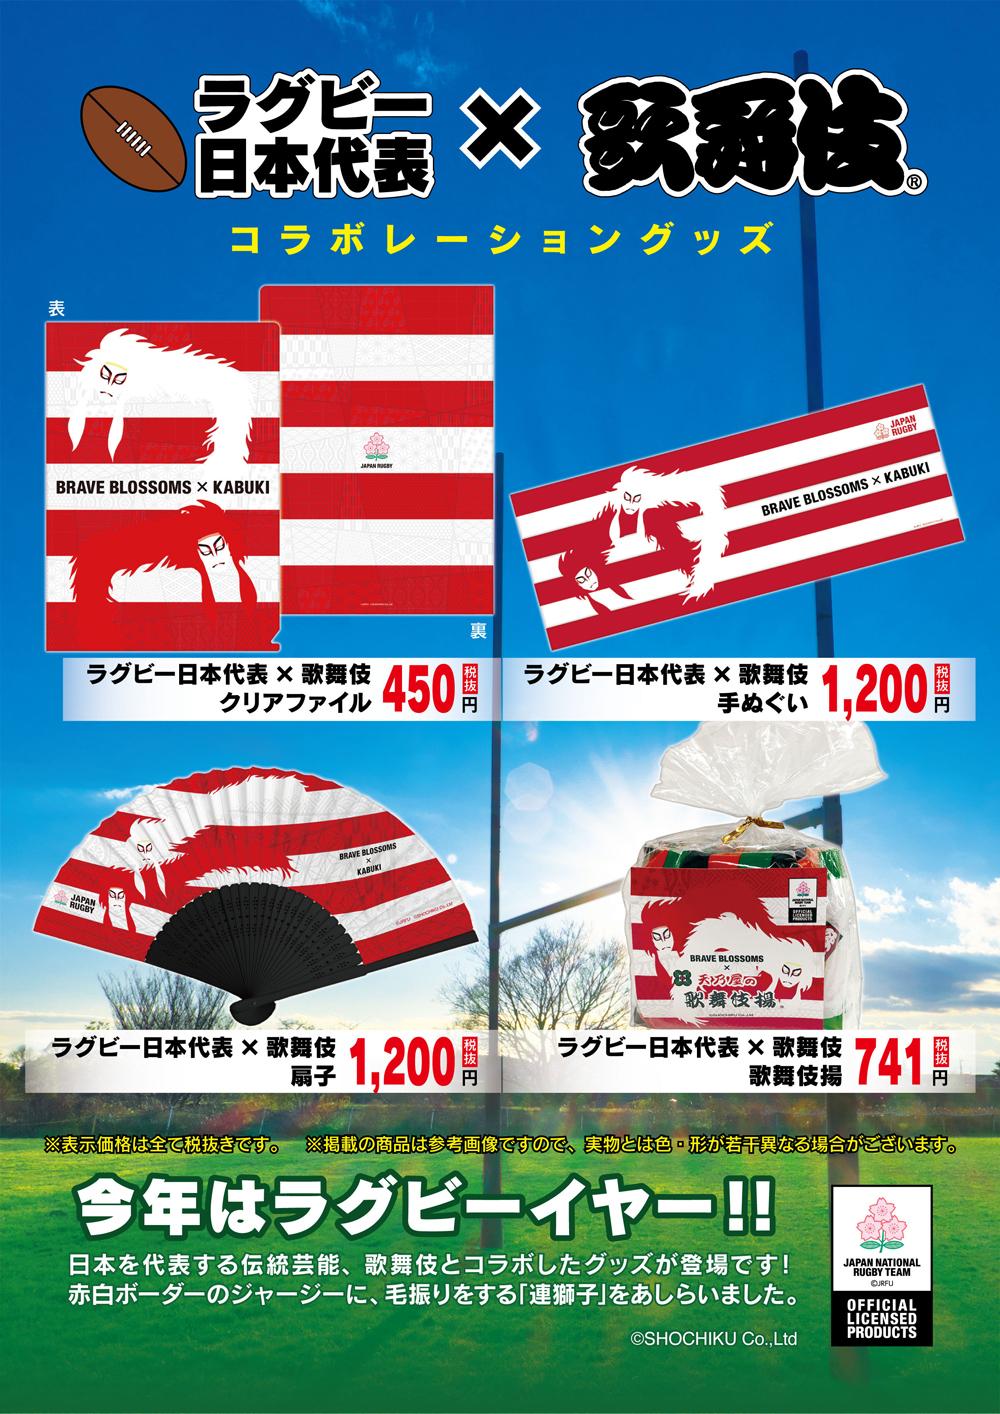 「ラグビー日本代表」×「歌舞伎」、コラボレーショングッズ発売のお知らせ